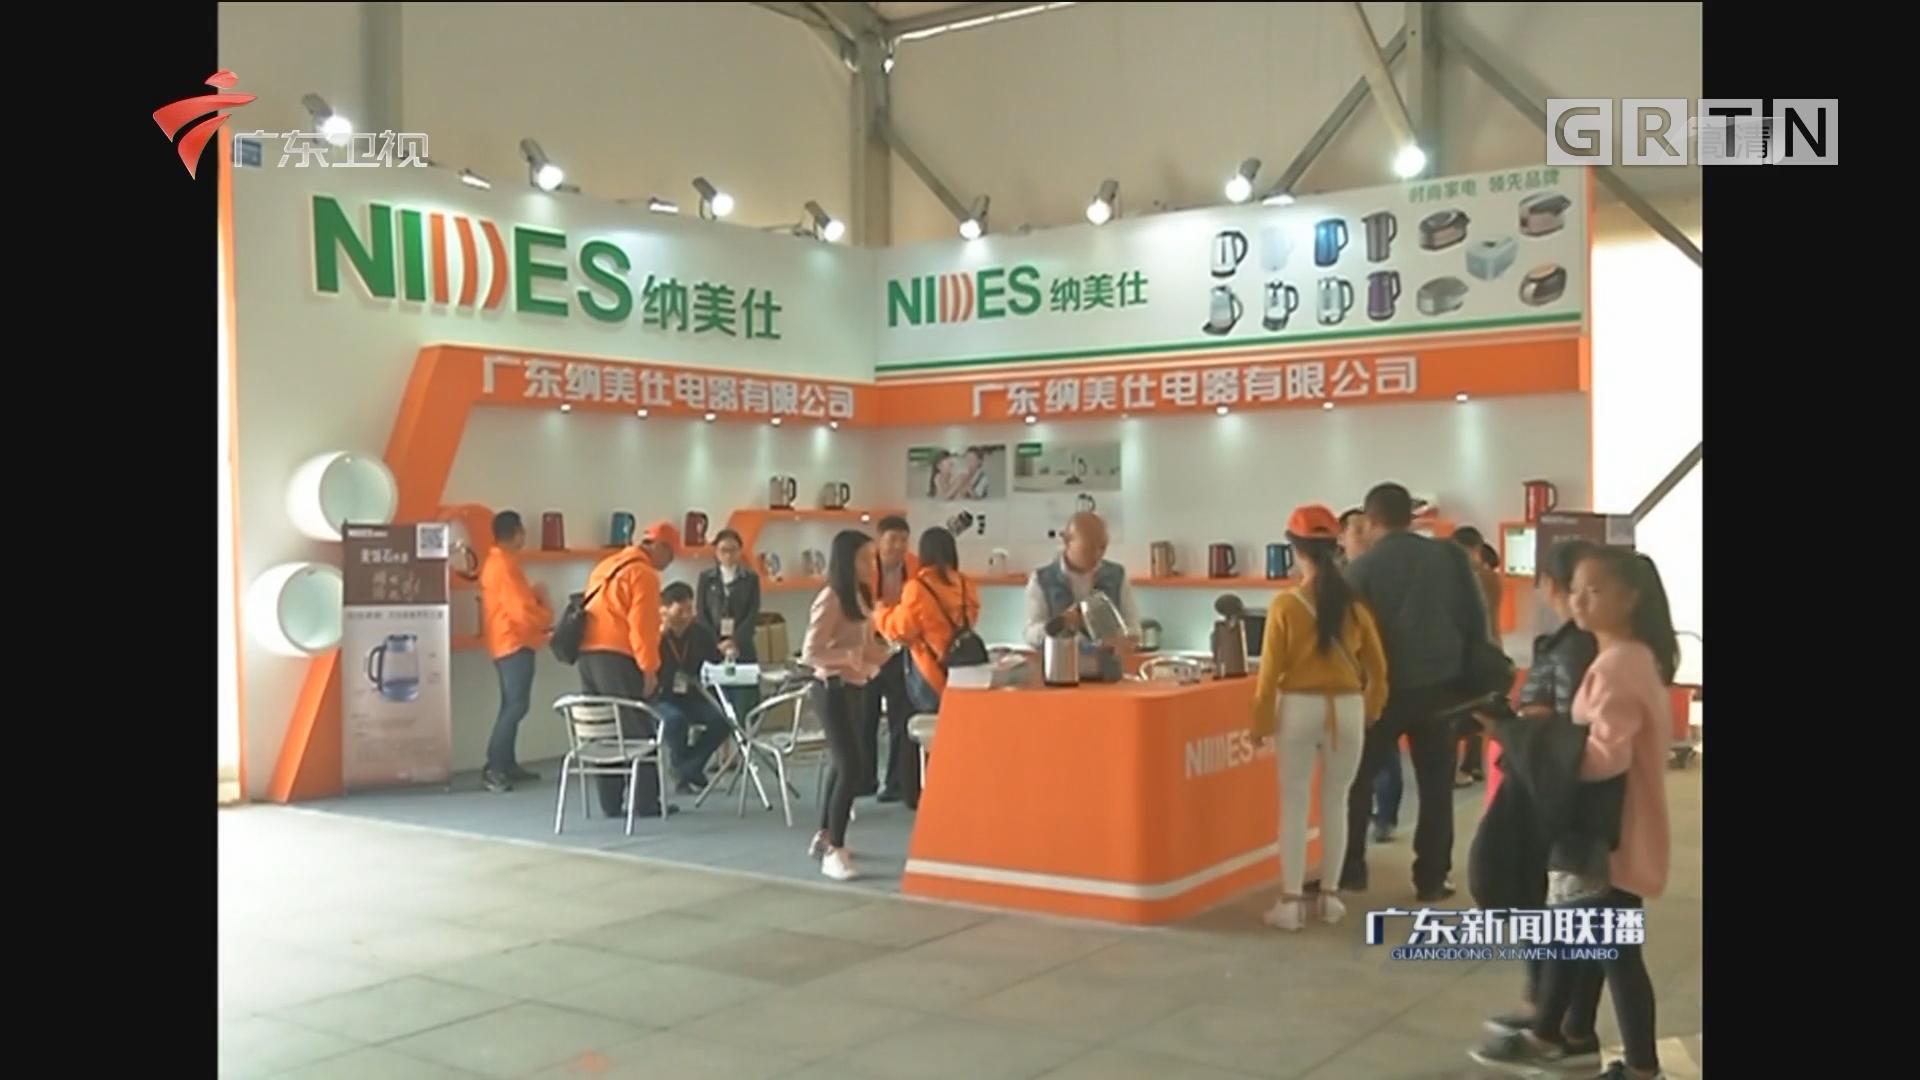 广东廉江红橙节暨中小家电博览会开幕